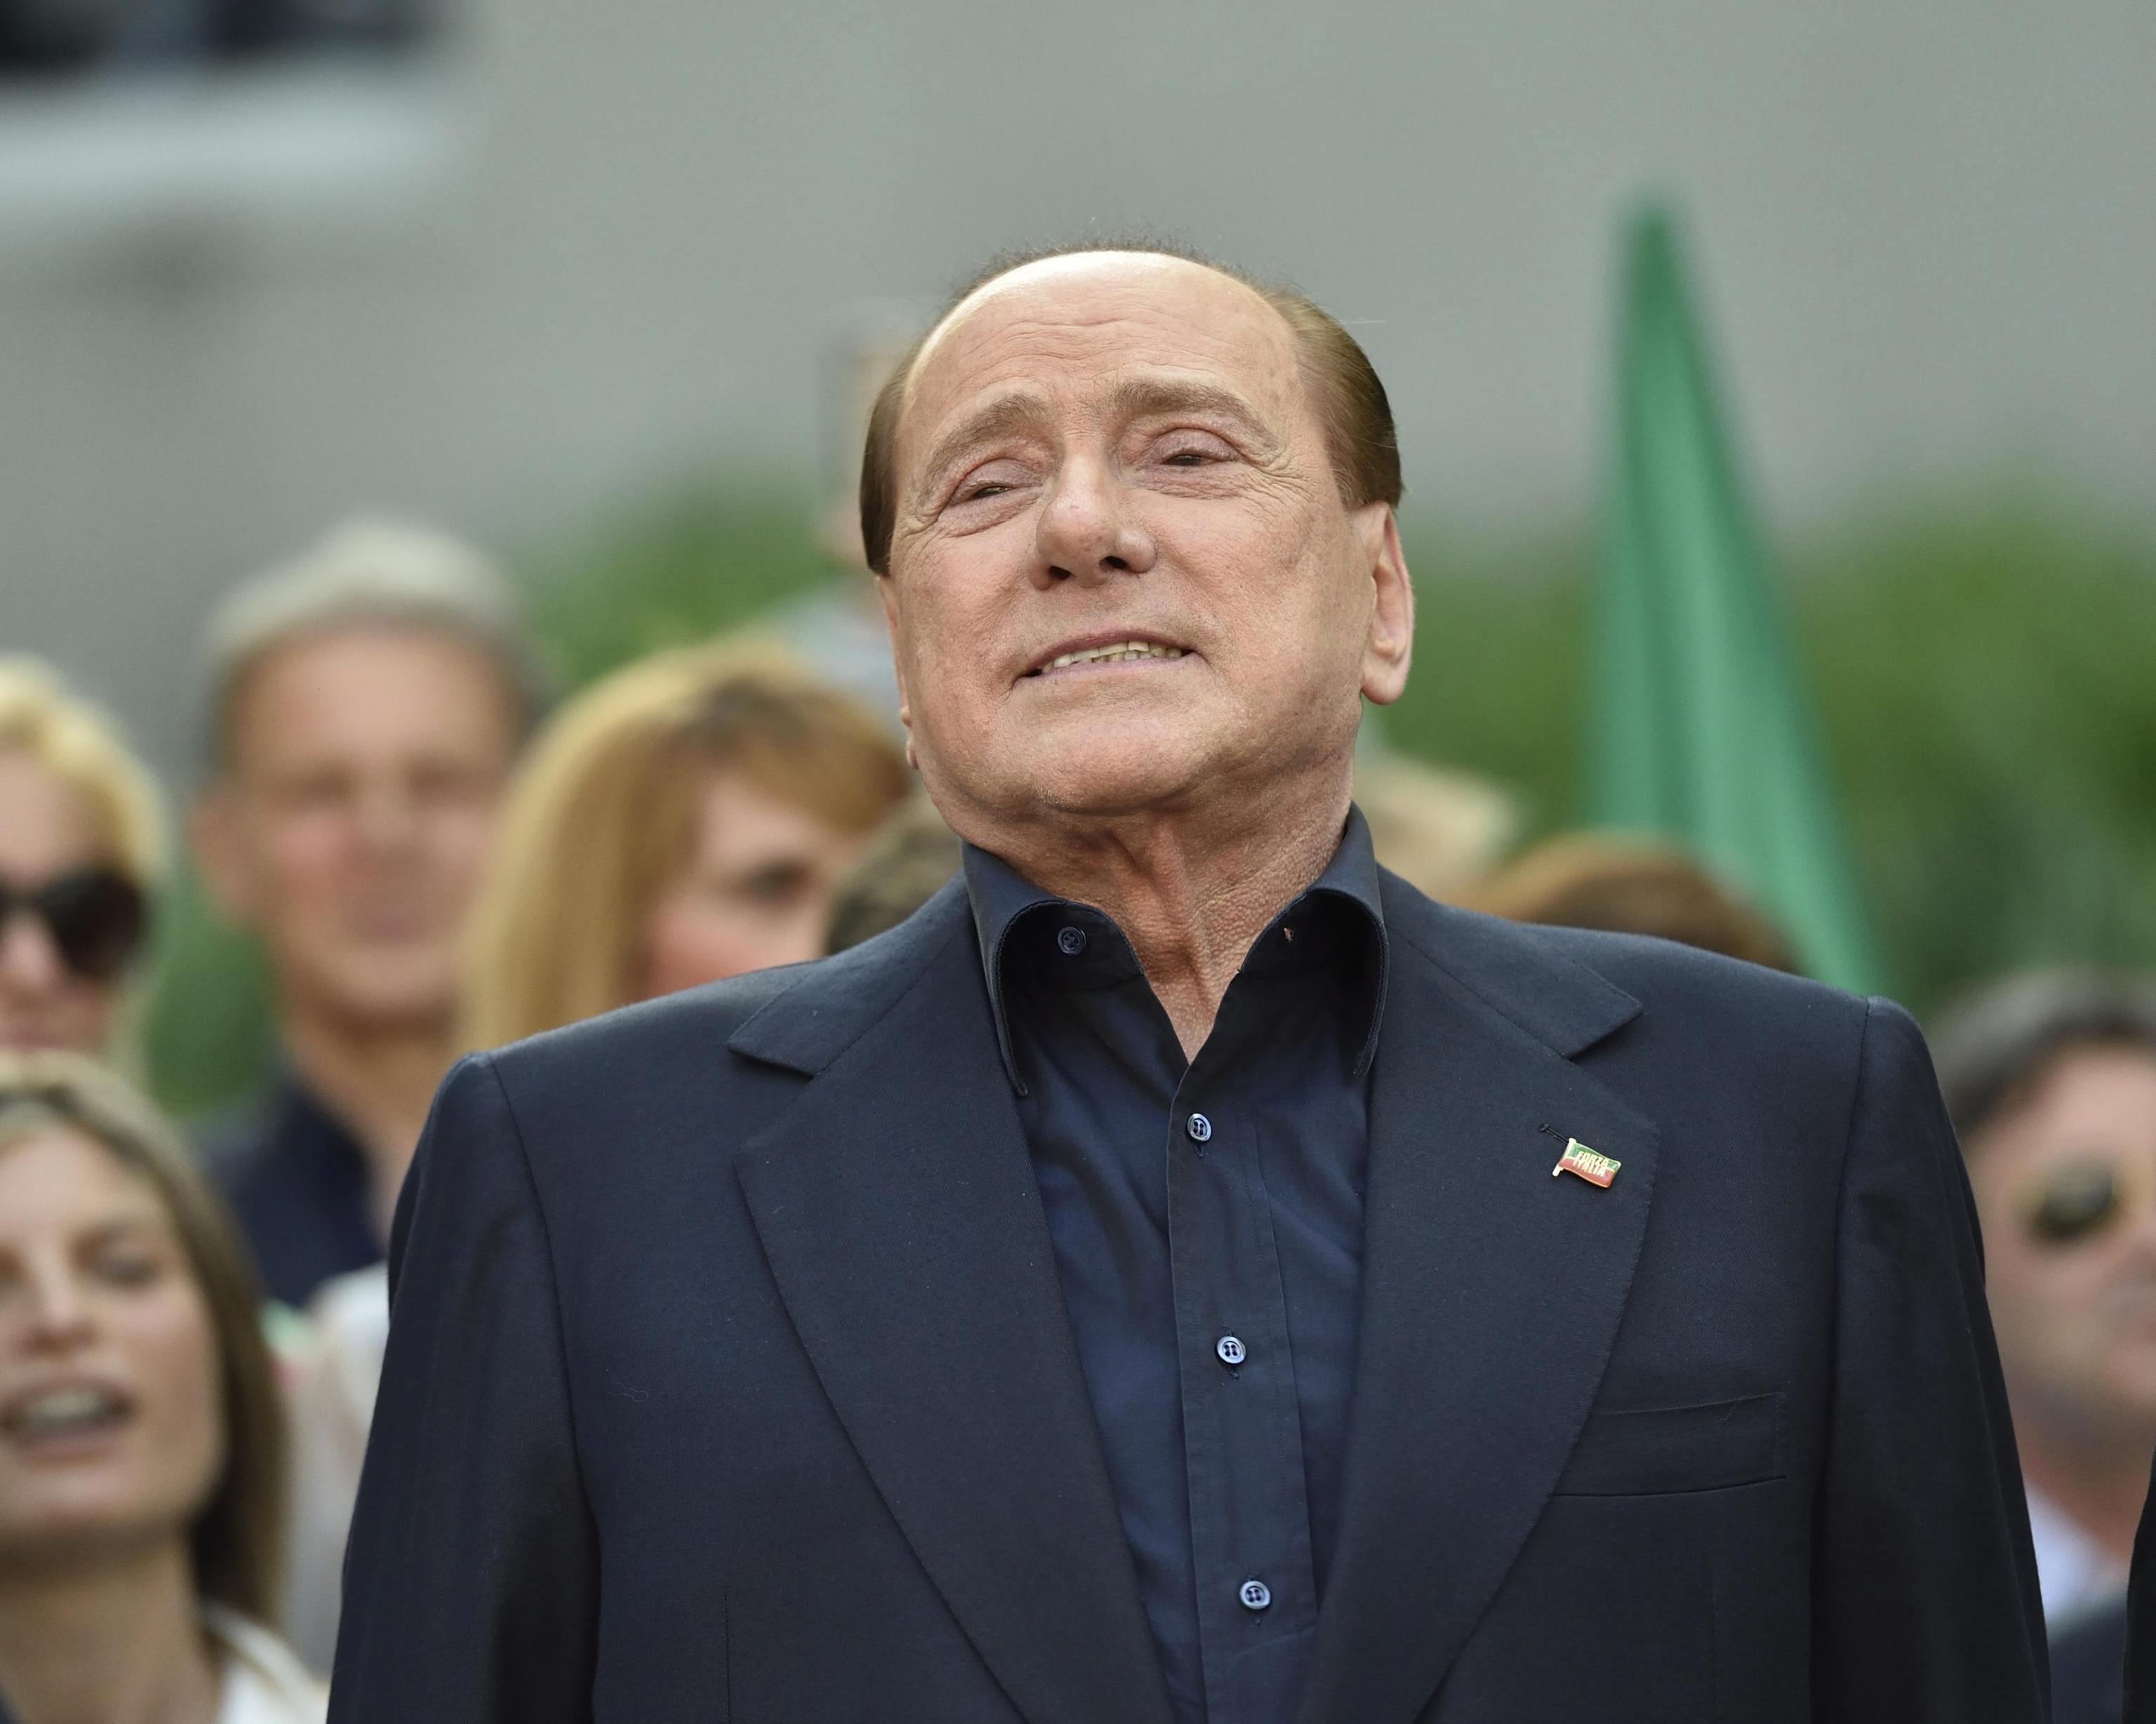 AMERIKA IZABRALA: Donald Trump, Berlusconi s američkim preljevom?